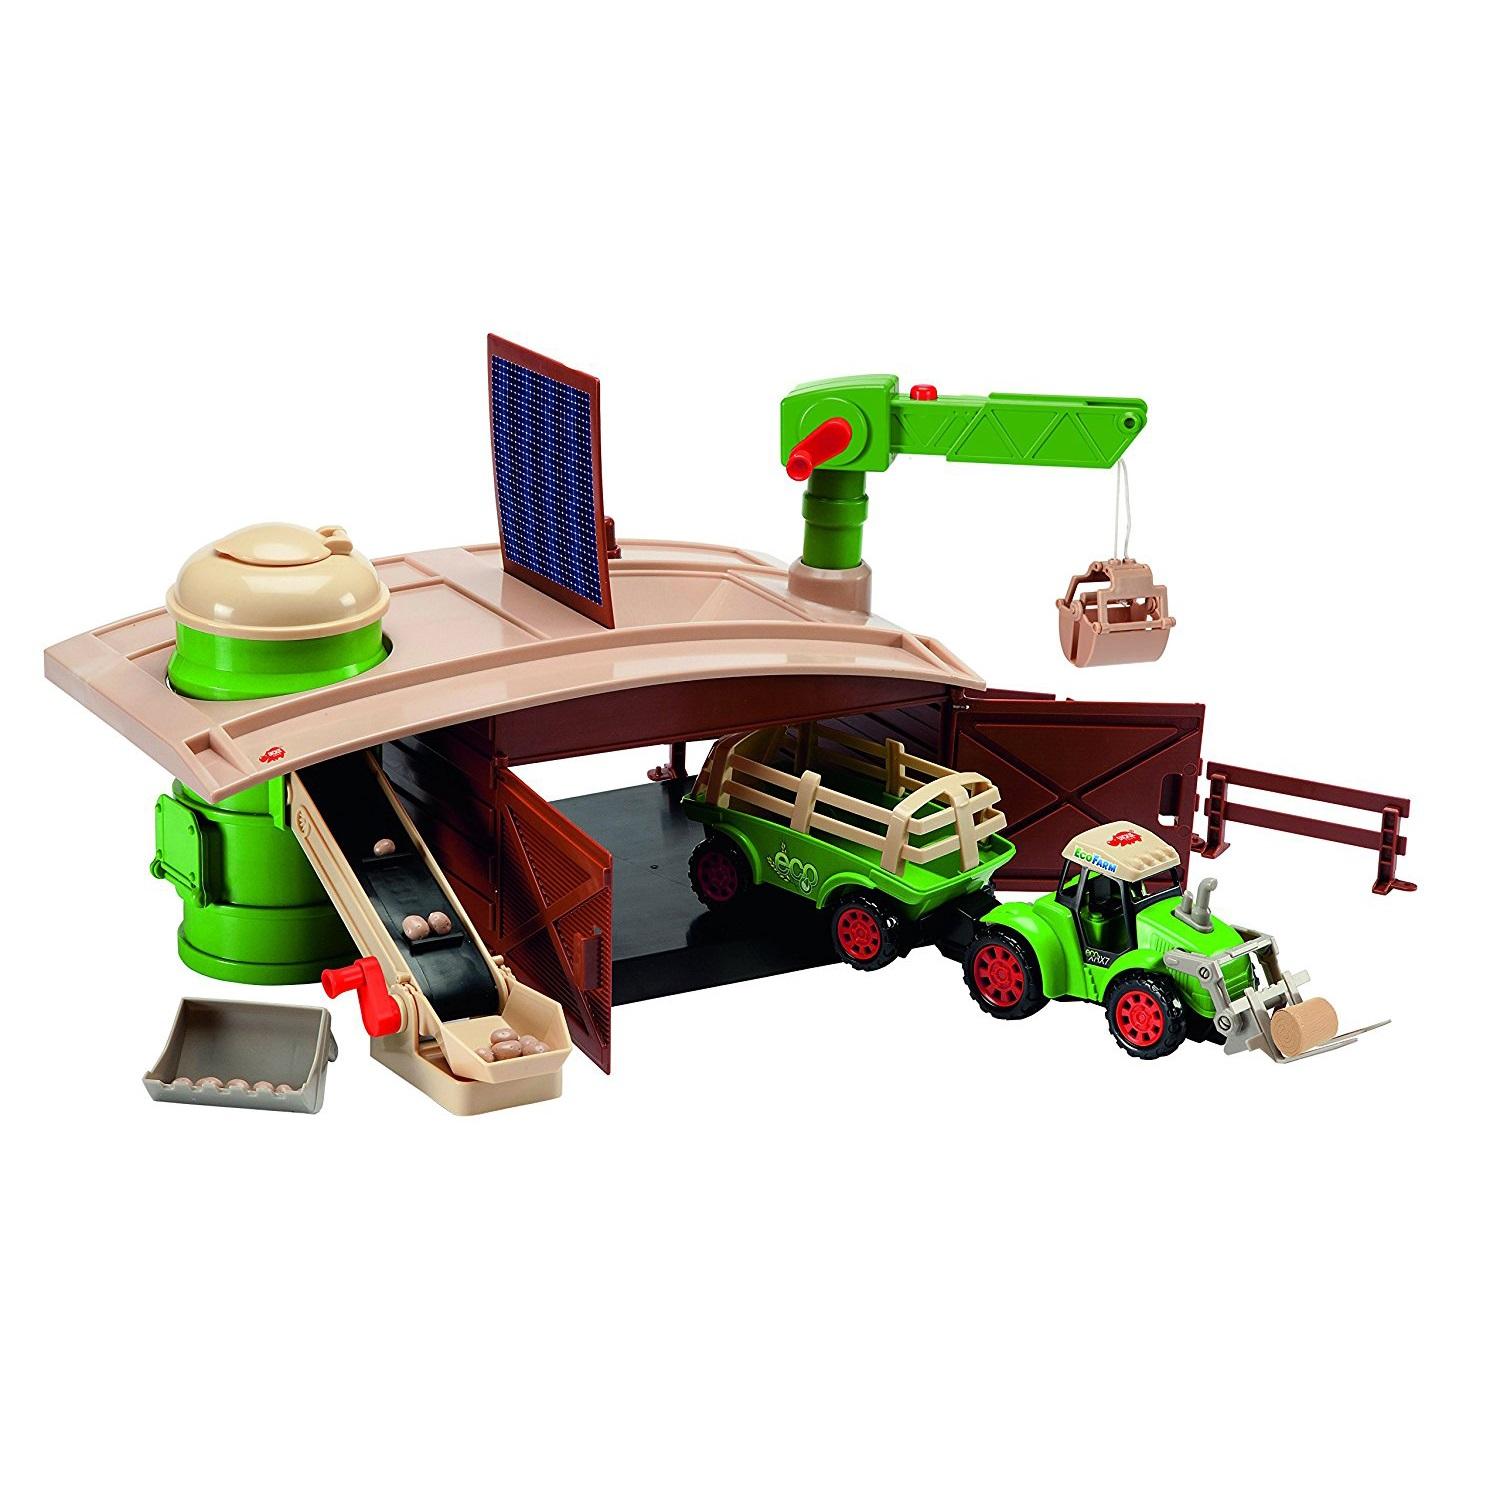 Большой набор Эко-ферма с трактором и краномИгровые наборы Зоопарк, Ферма<br>Большой набор Эко-ферма с трактором и краном<br>